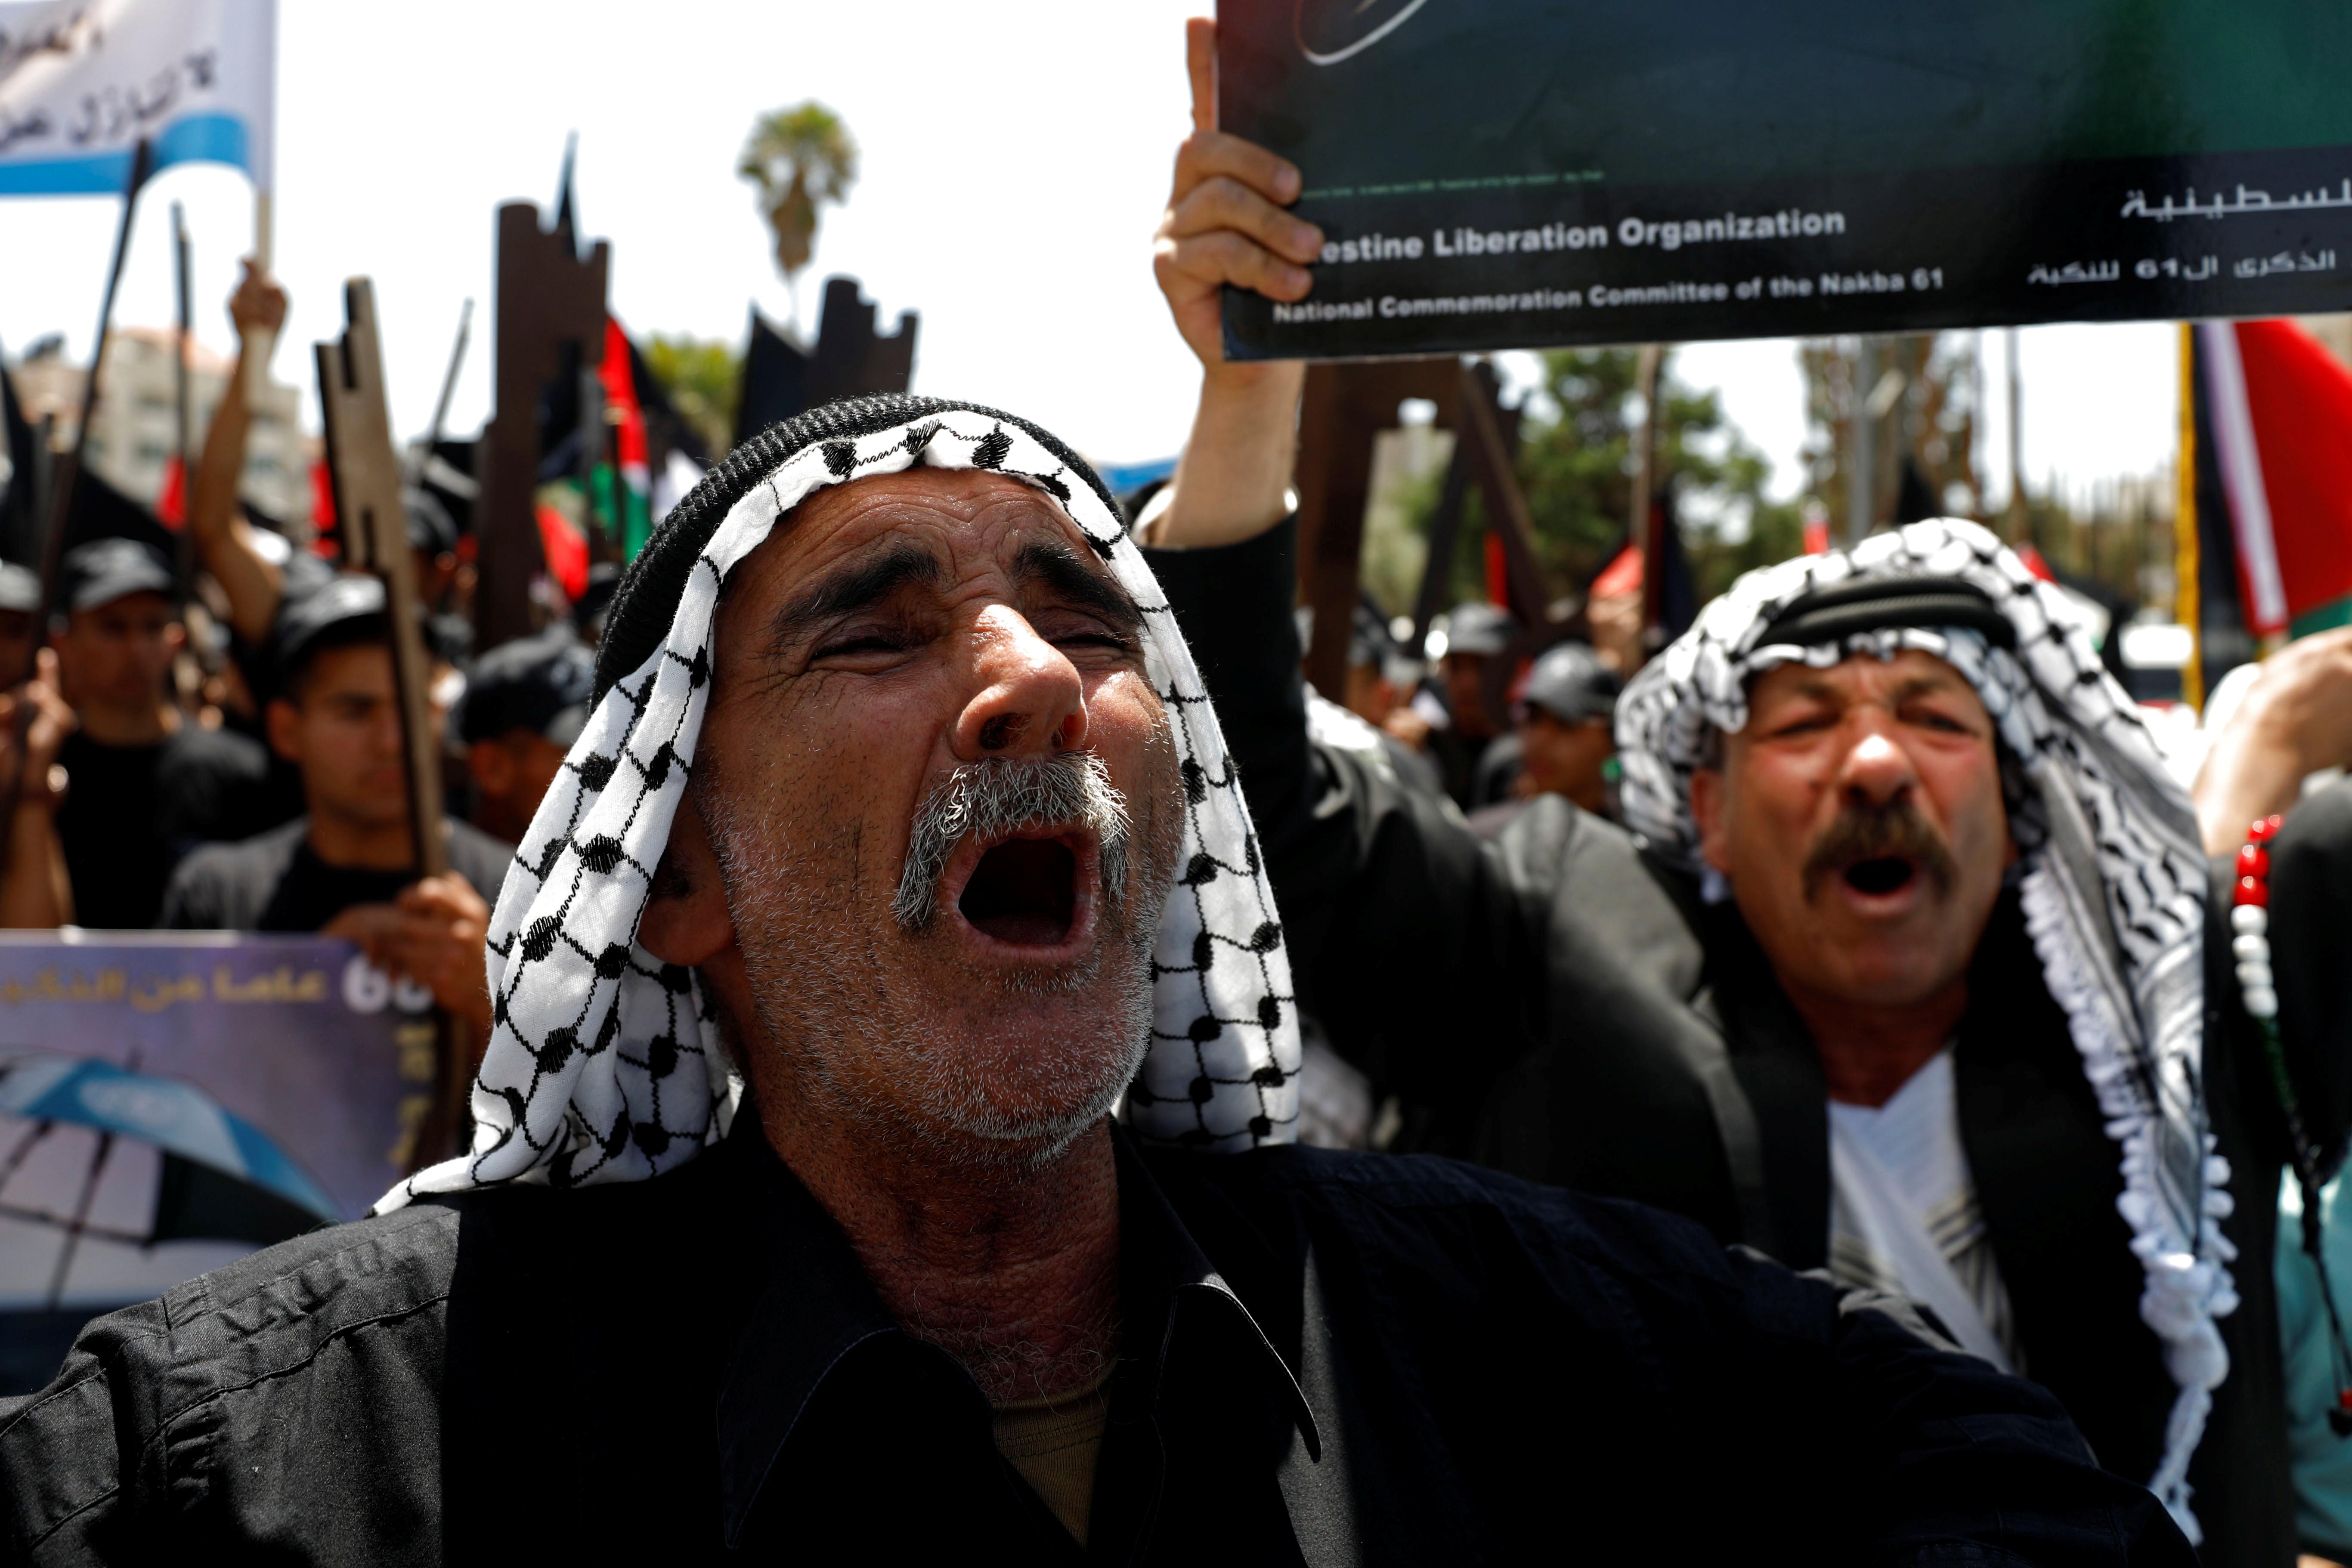 مظاهرات ذكرى النكبة فى الضفة الغربية (2)